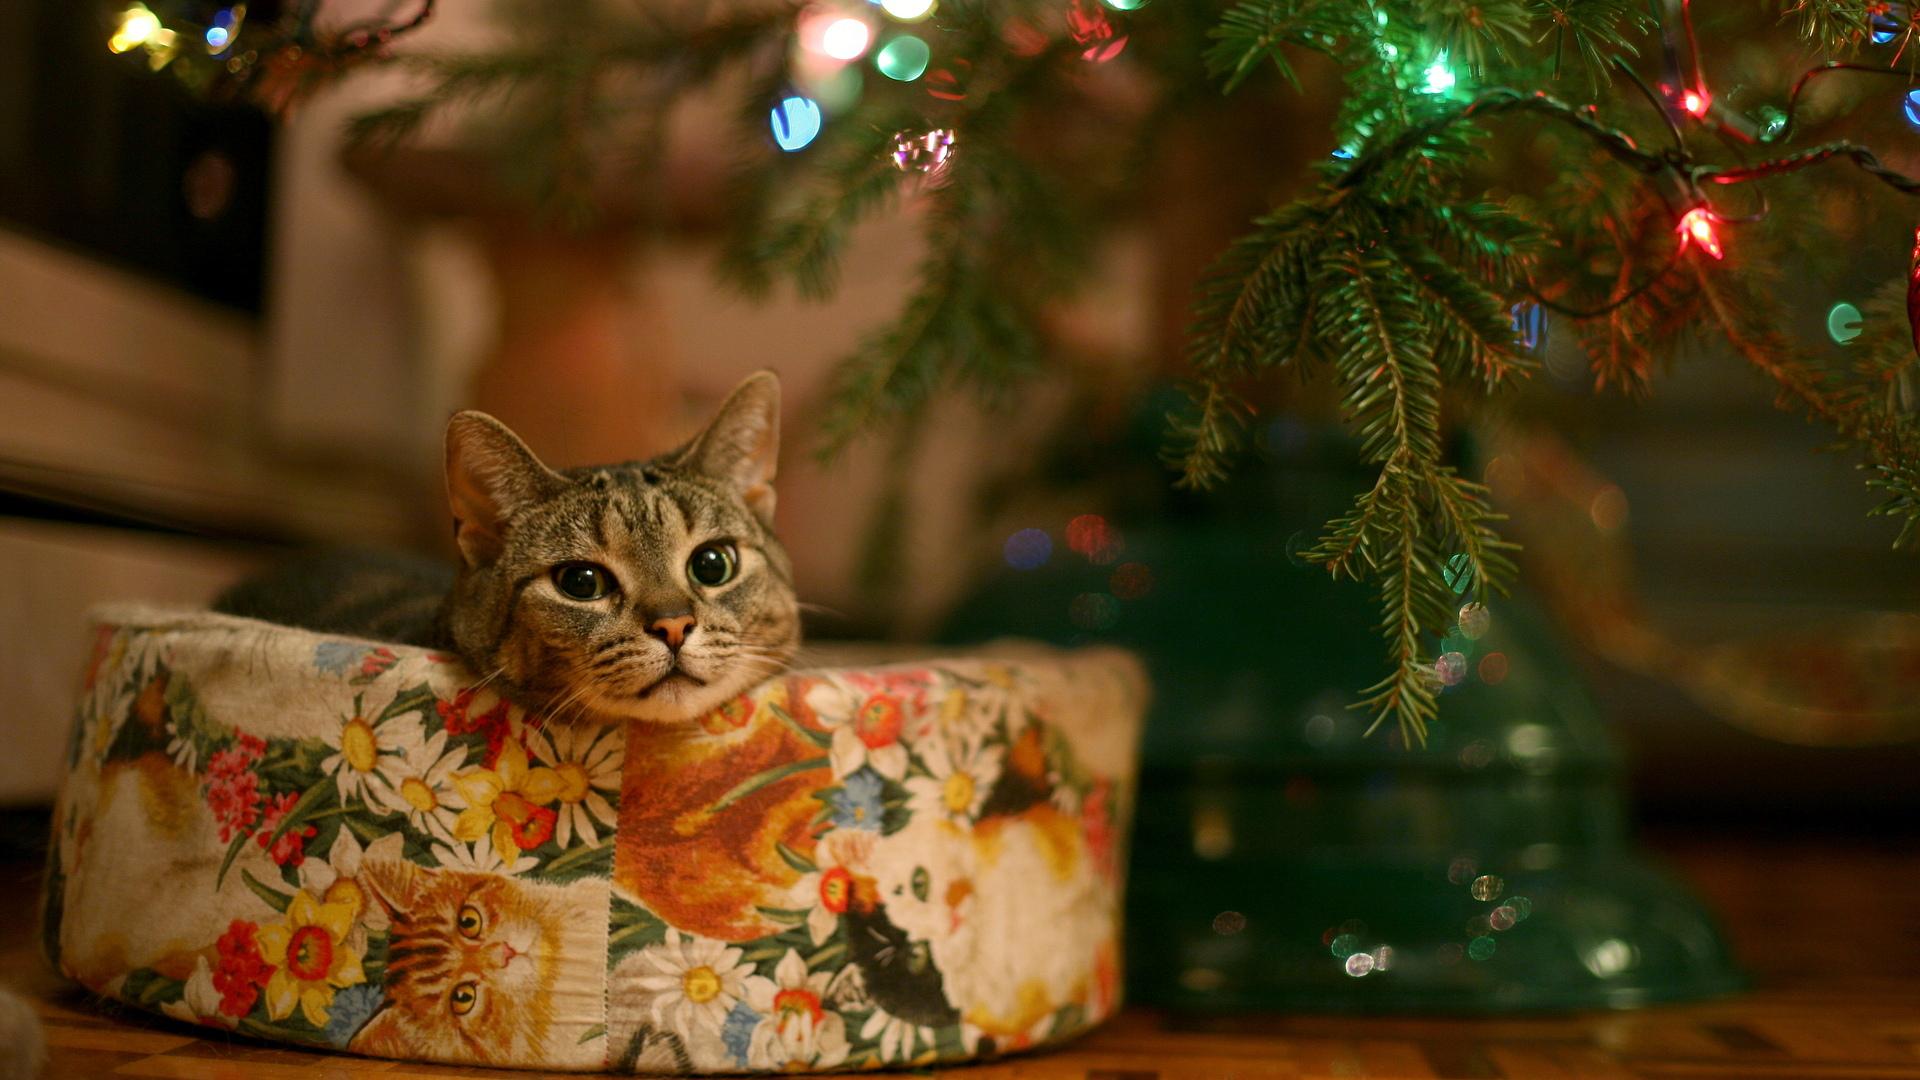 download wallpaper: kat onder de kerstboom wallpaper